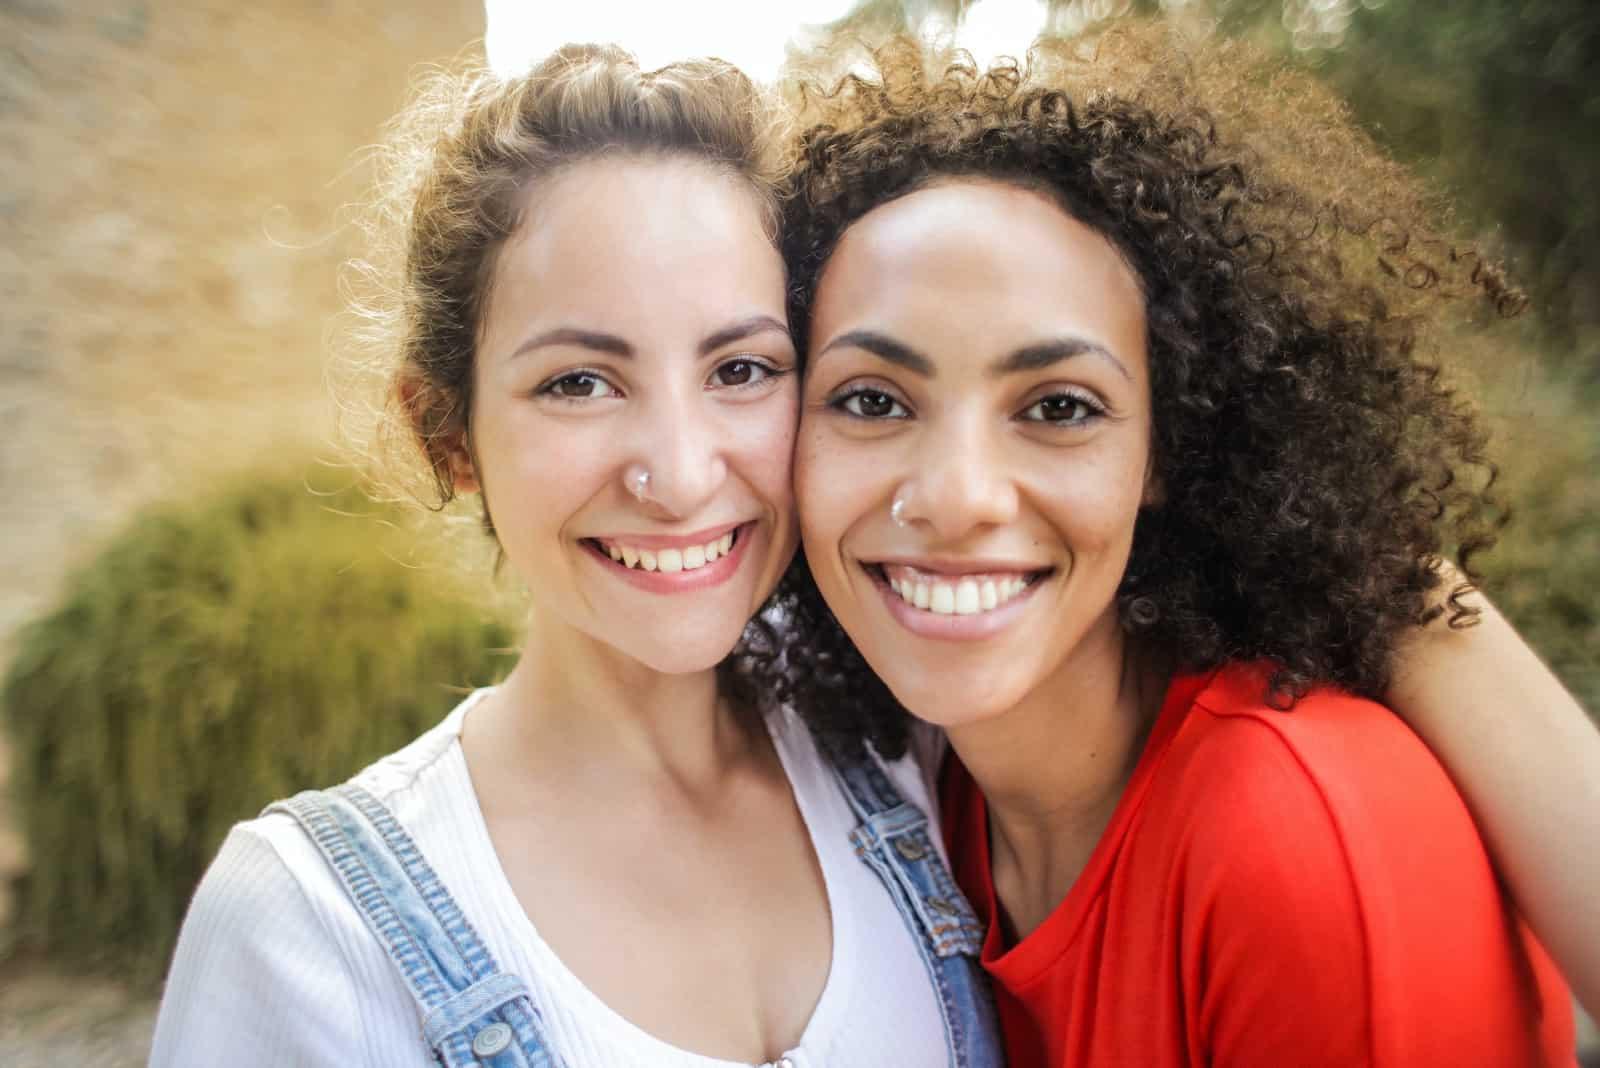 deux femmes heureuses s'embrassant en plein air